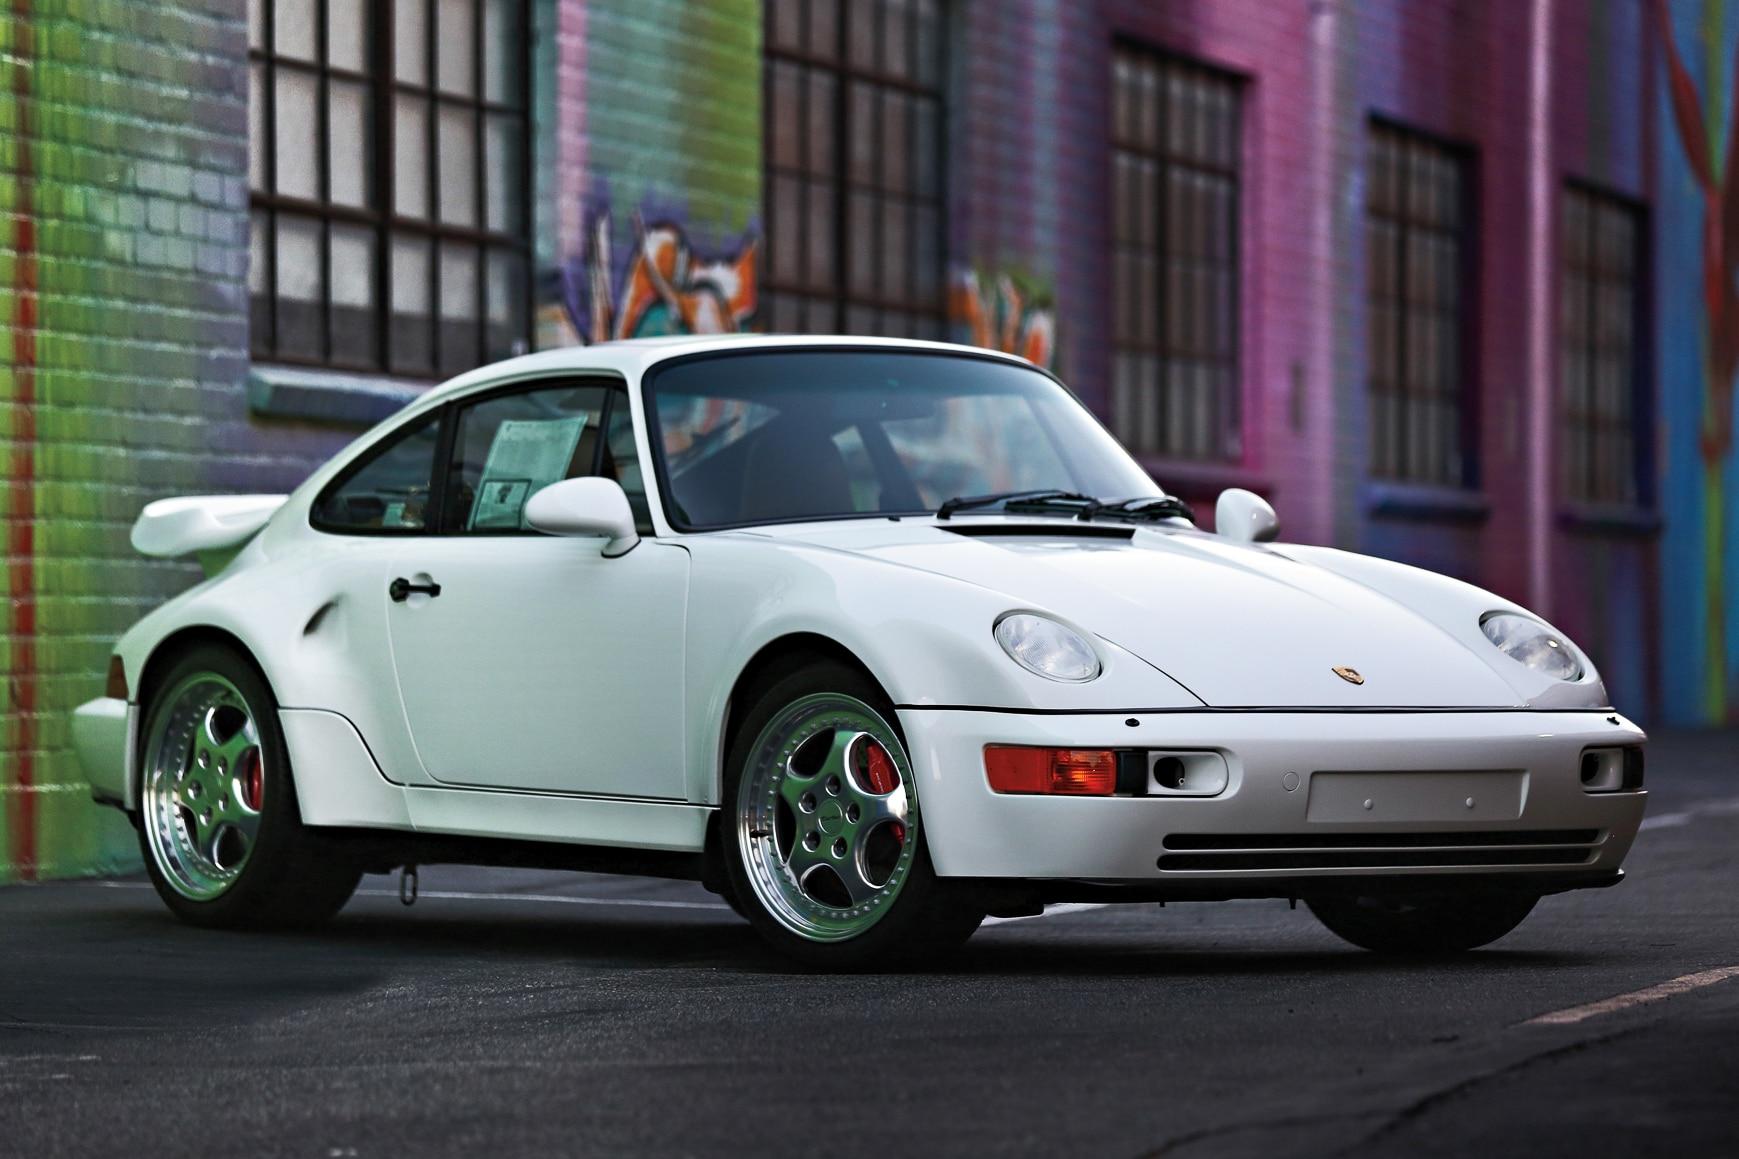 1994 Porsche 964 Turbo S 3 6 Flachbau